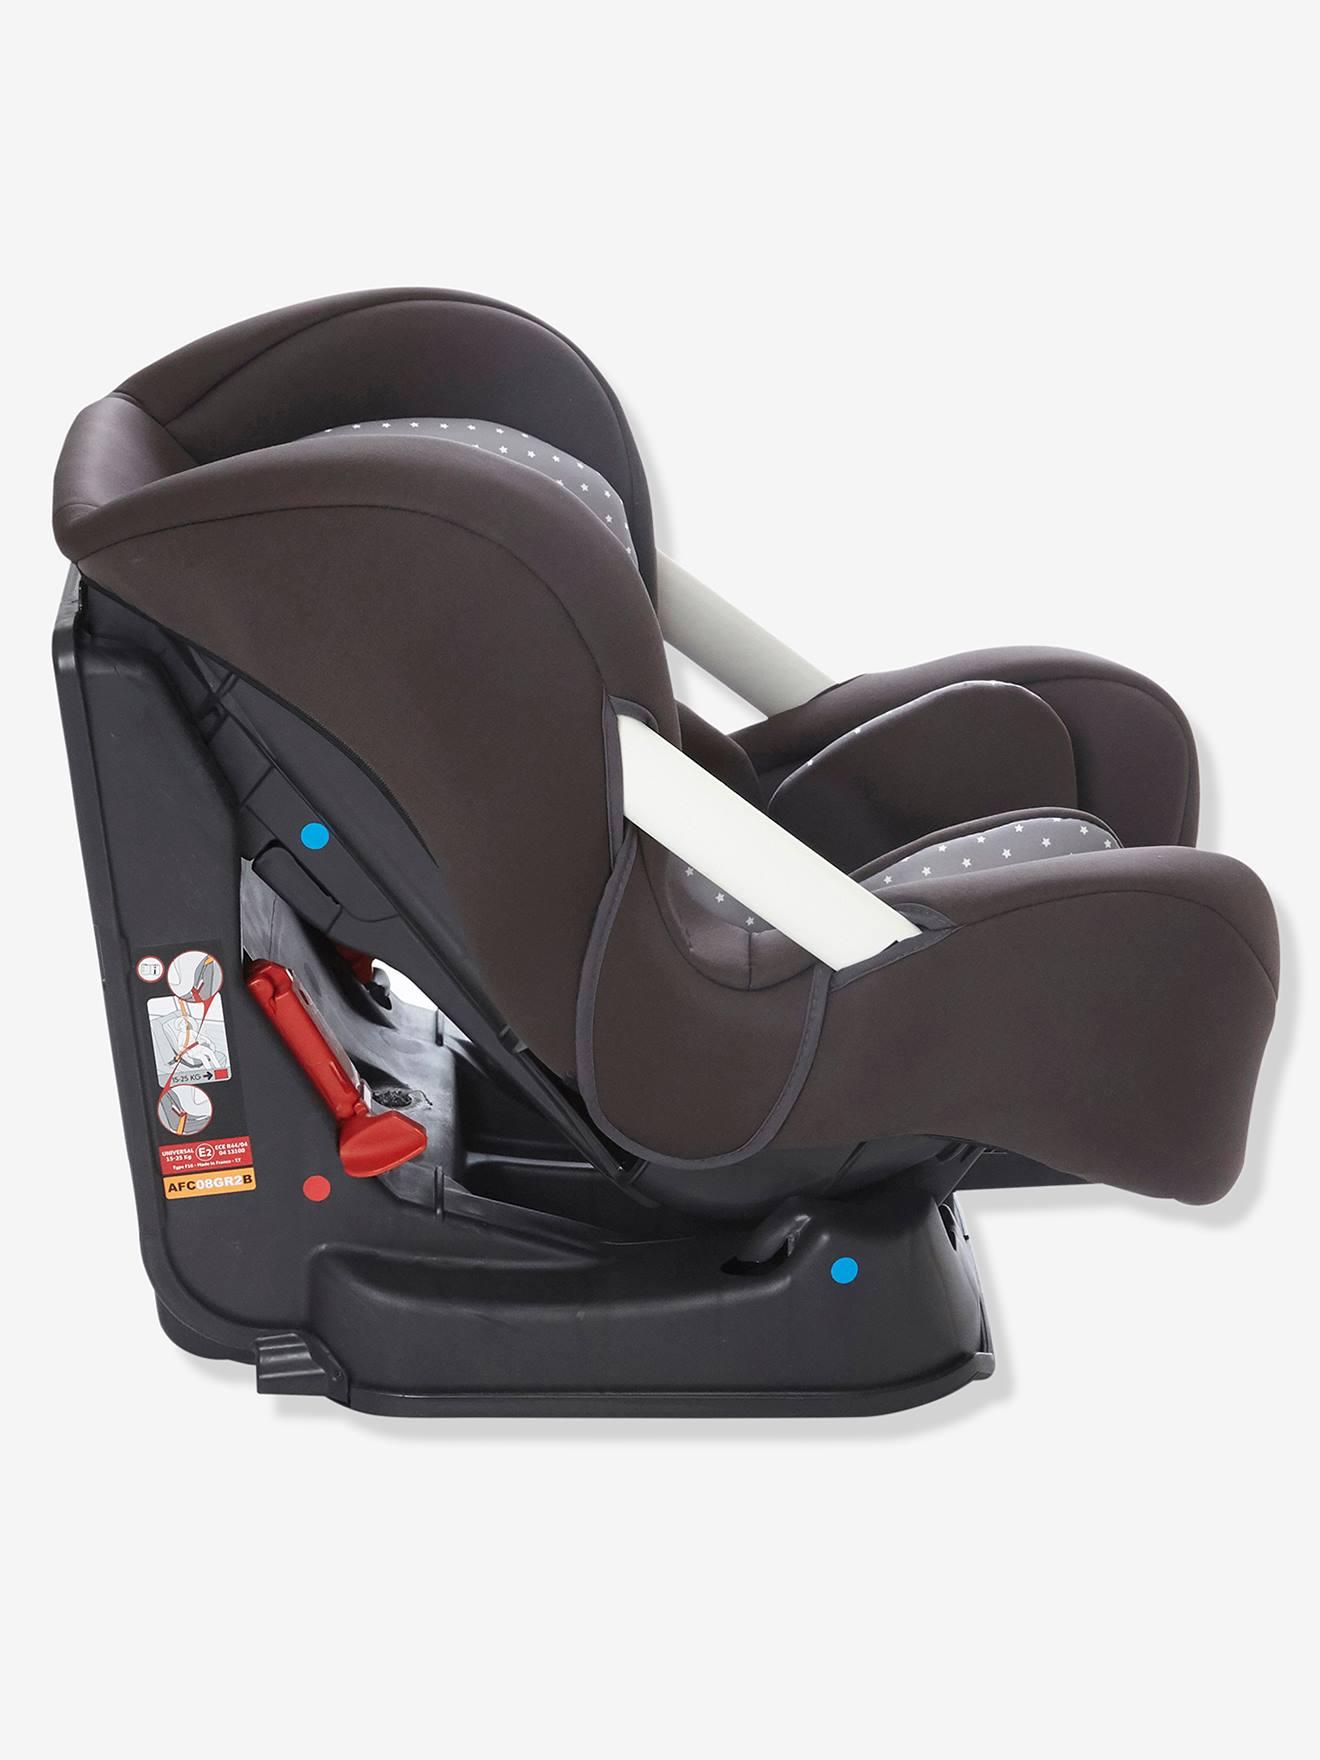 Autokindersitz Autositz Kindersitz Lionelo Jasper Isofix Tethe 9-36kg Zubehör Baby Auto-kindersitze & Zubehör